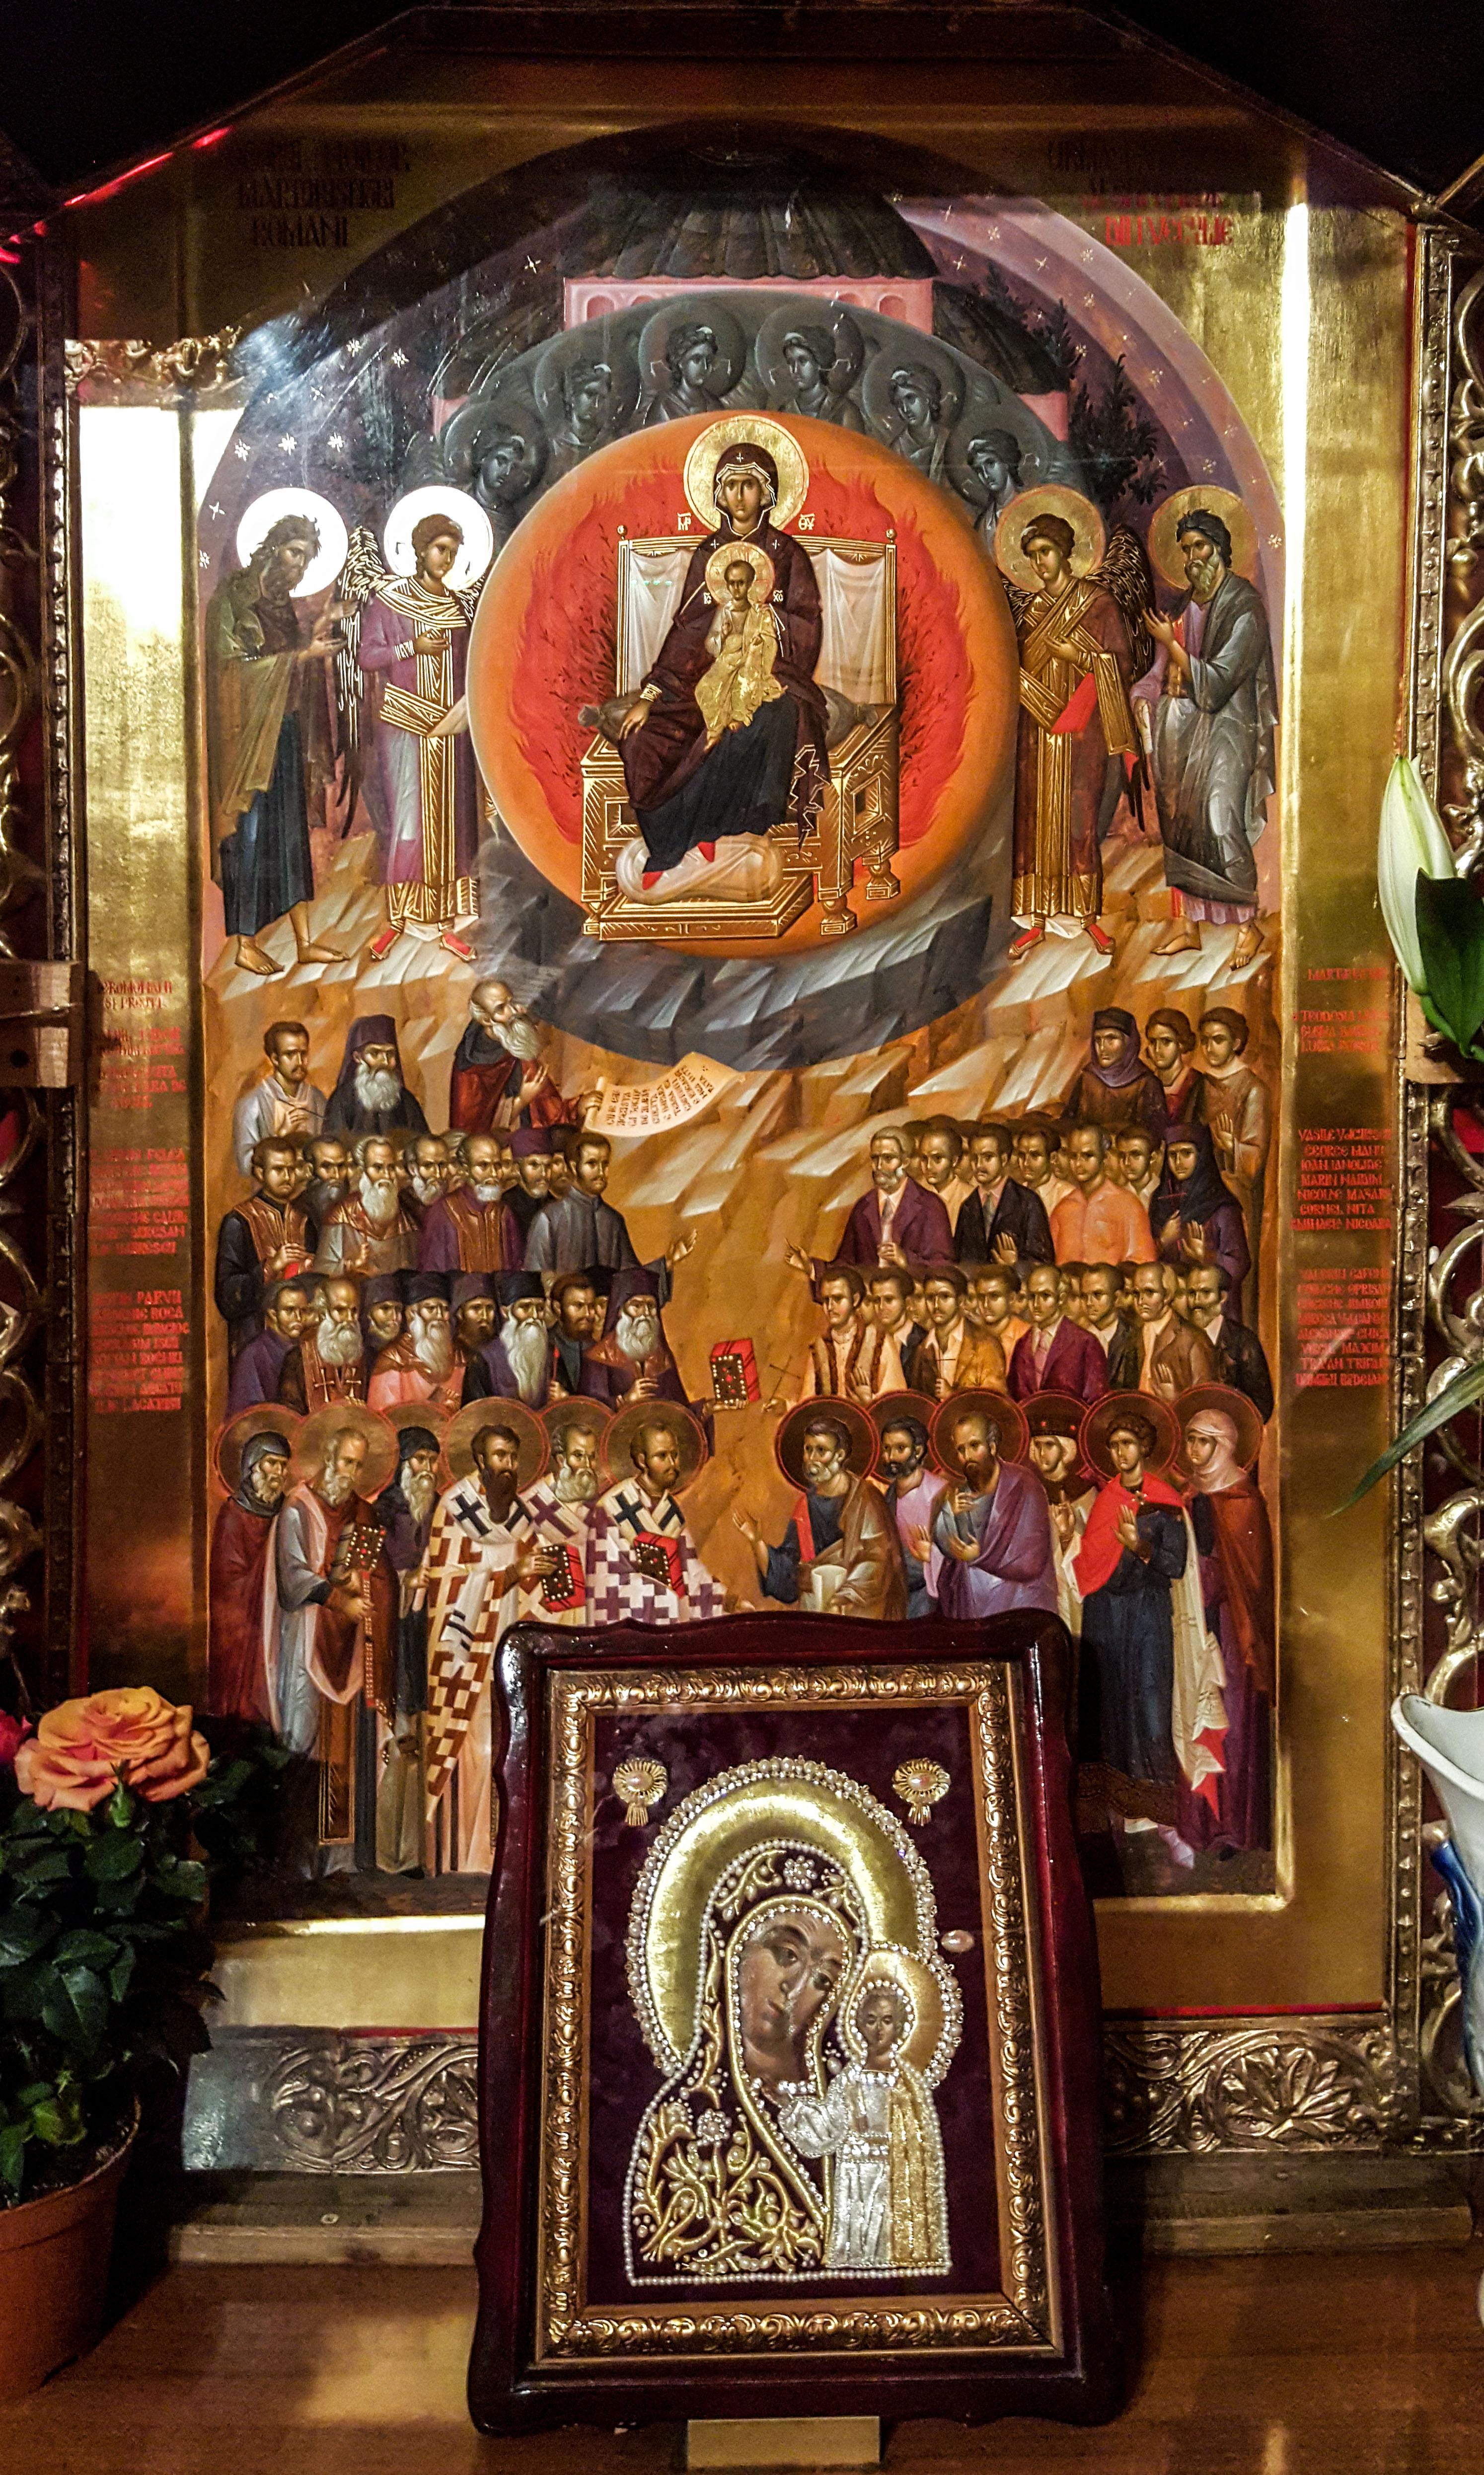 Icoana Sfinţilor Mărturisitori Români